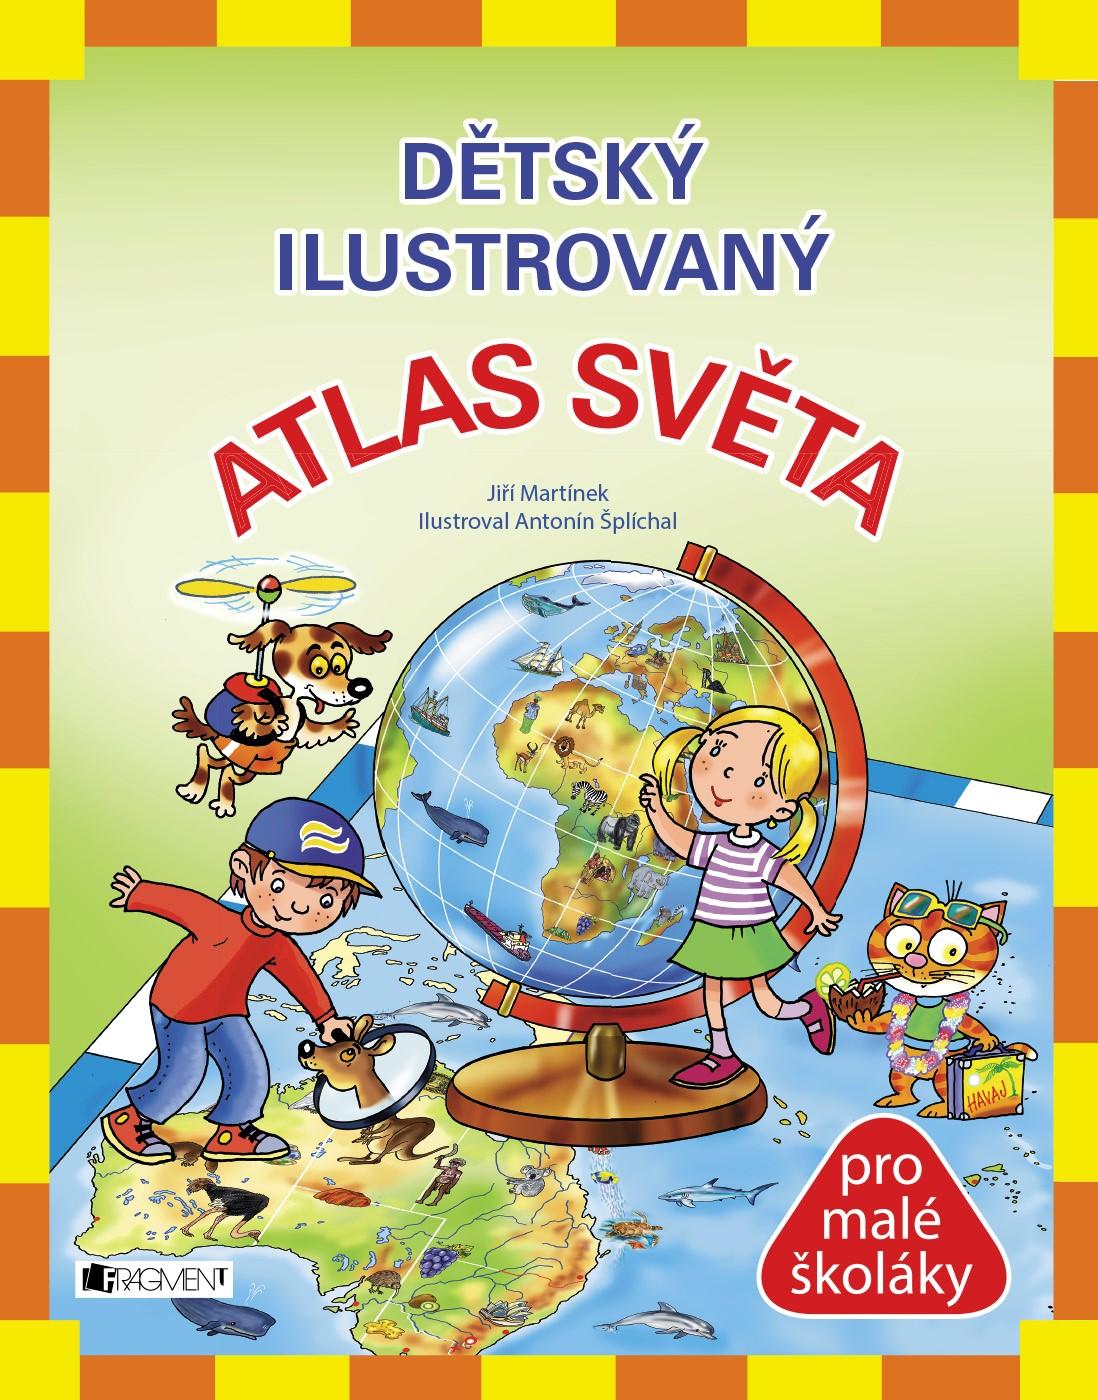 Dětský ilustrovaný ATLAS SVĚTA | Jiří Martínek, RNDr.